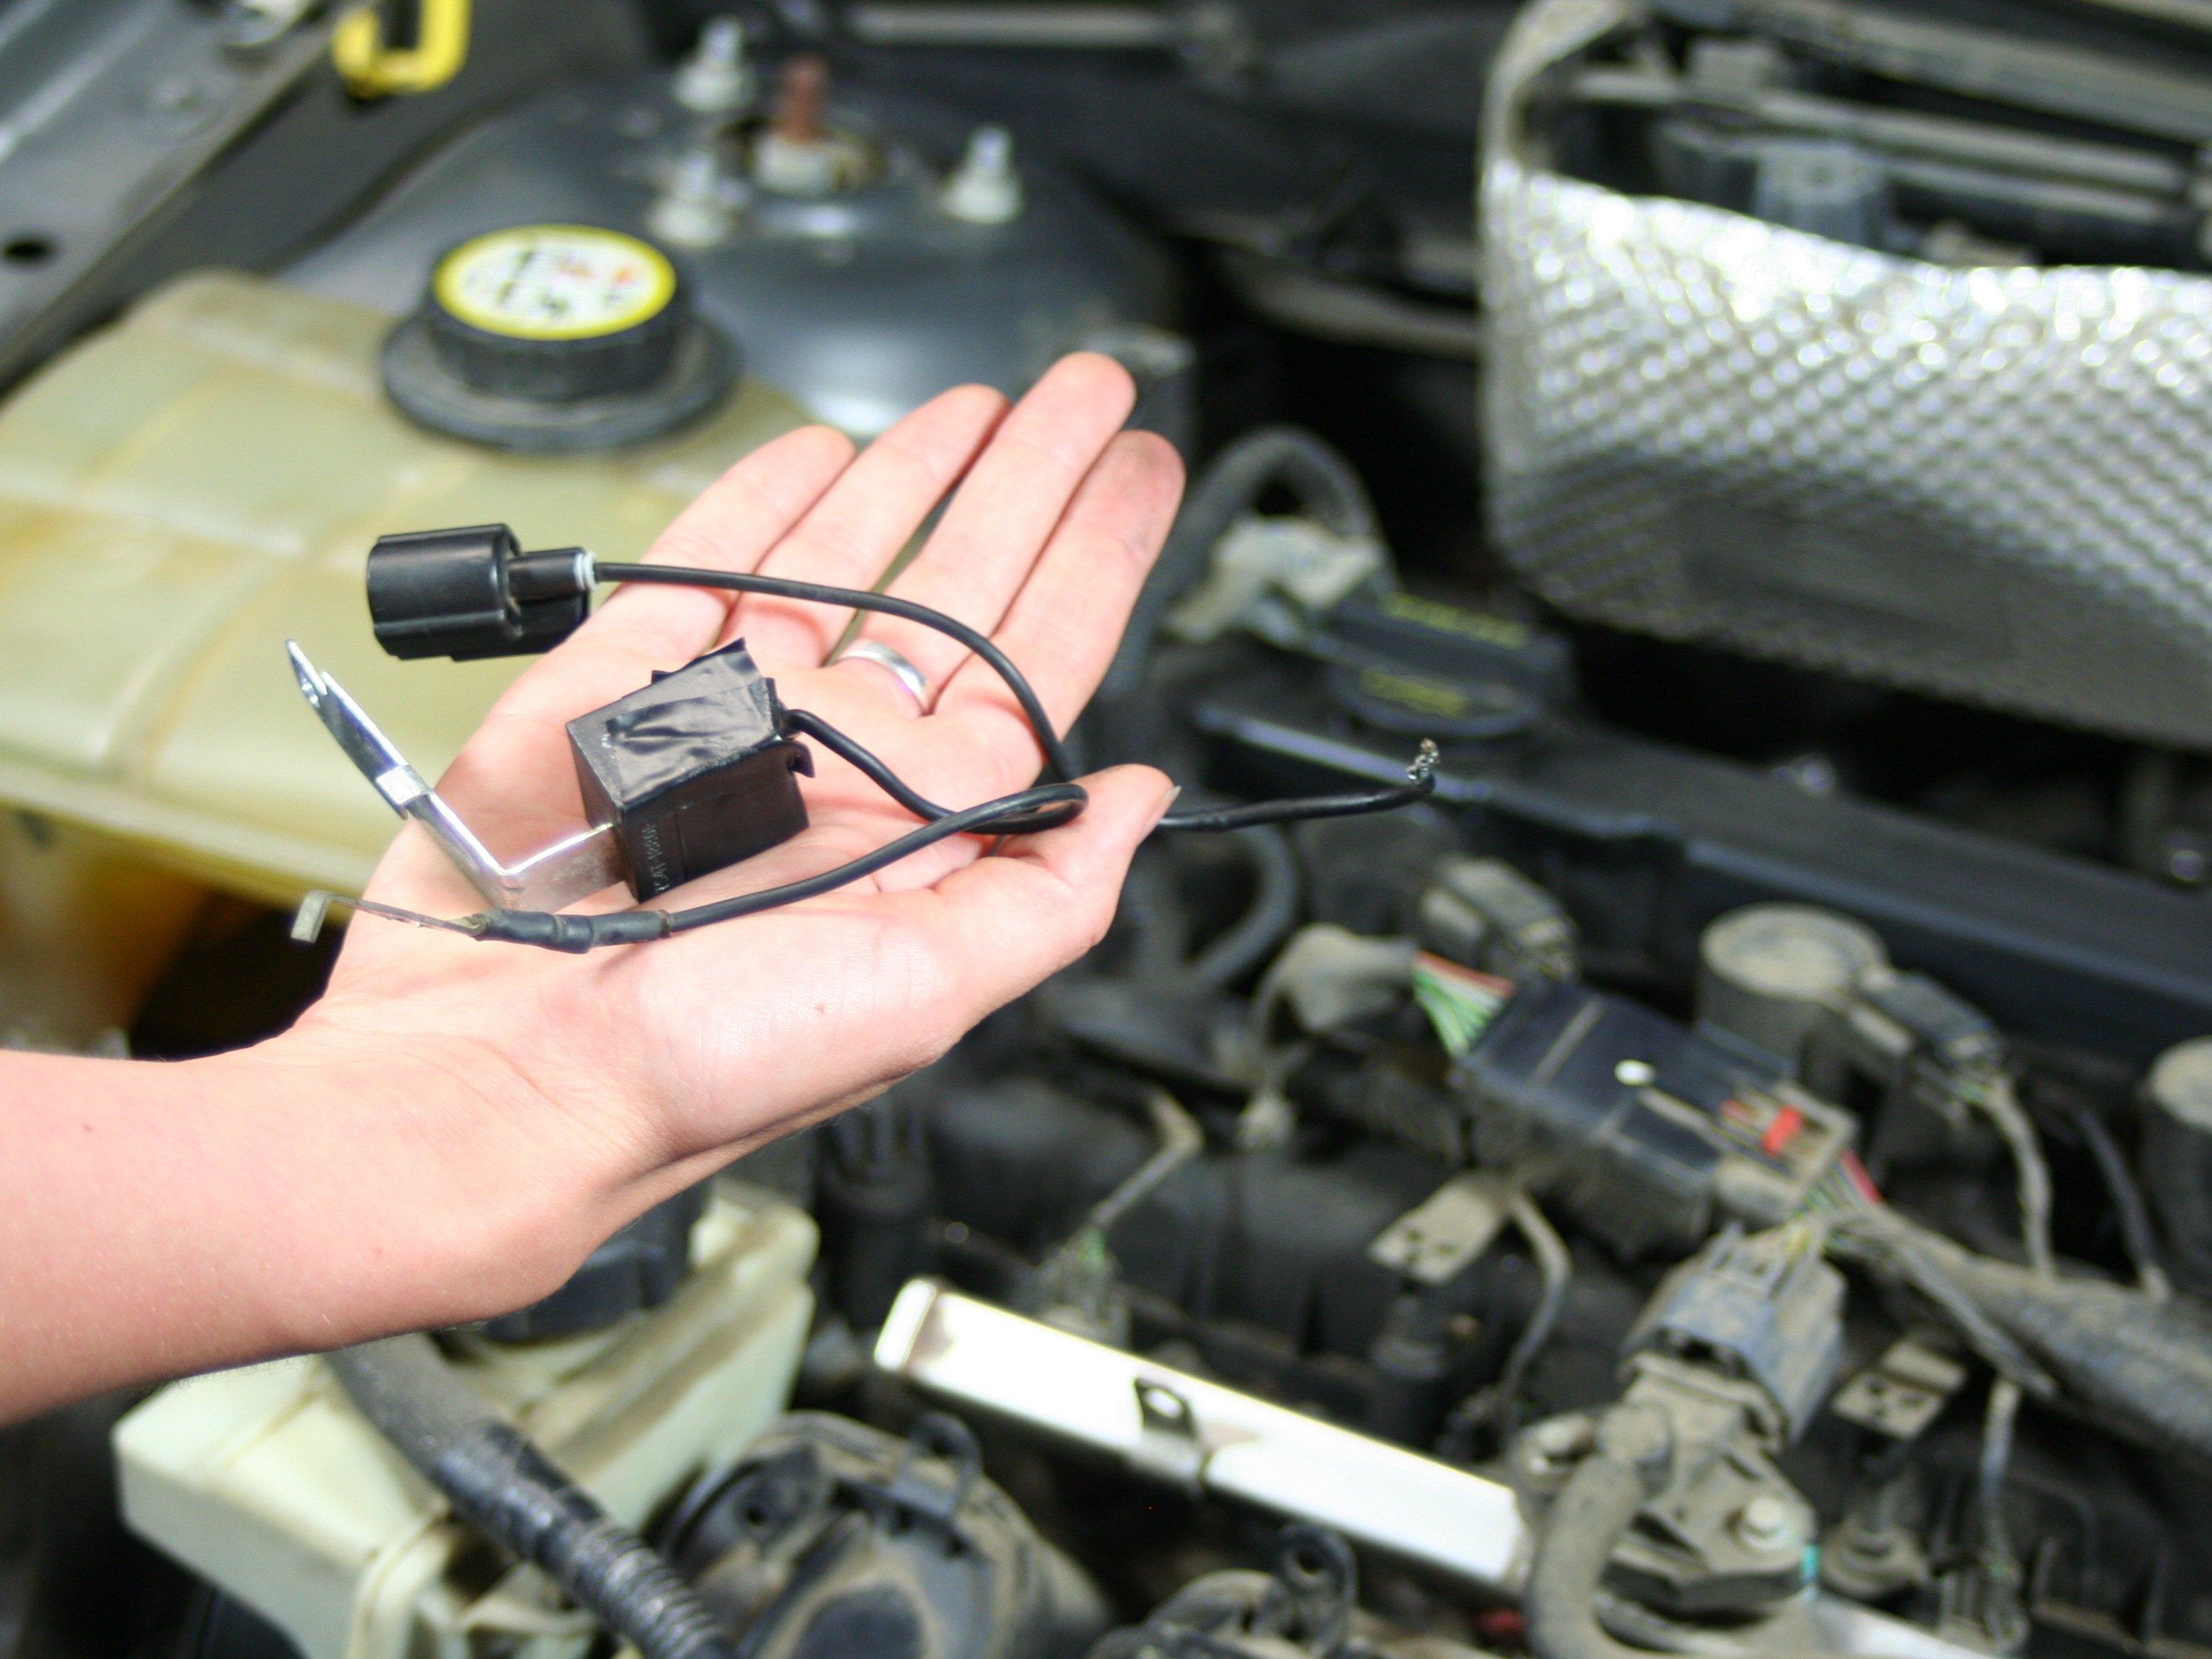 Ford Econoline Engine Diagram Ford Focus Radio Suppression Capacitor Replacement